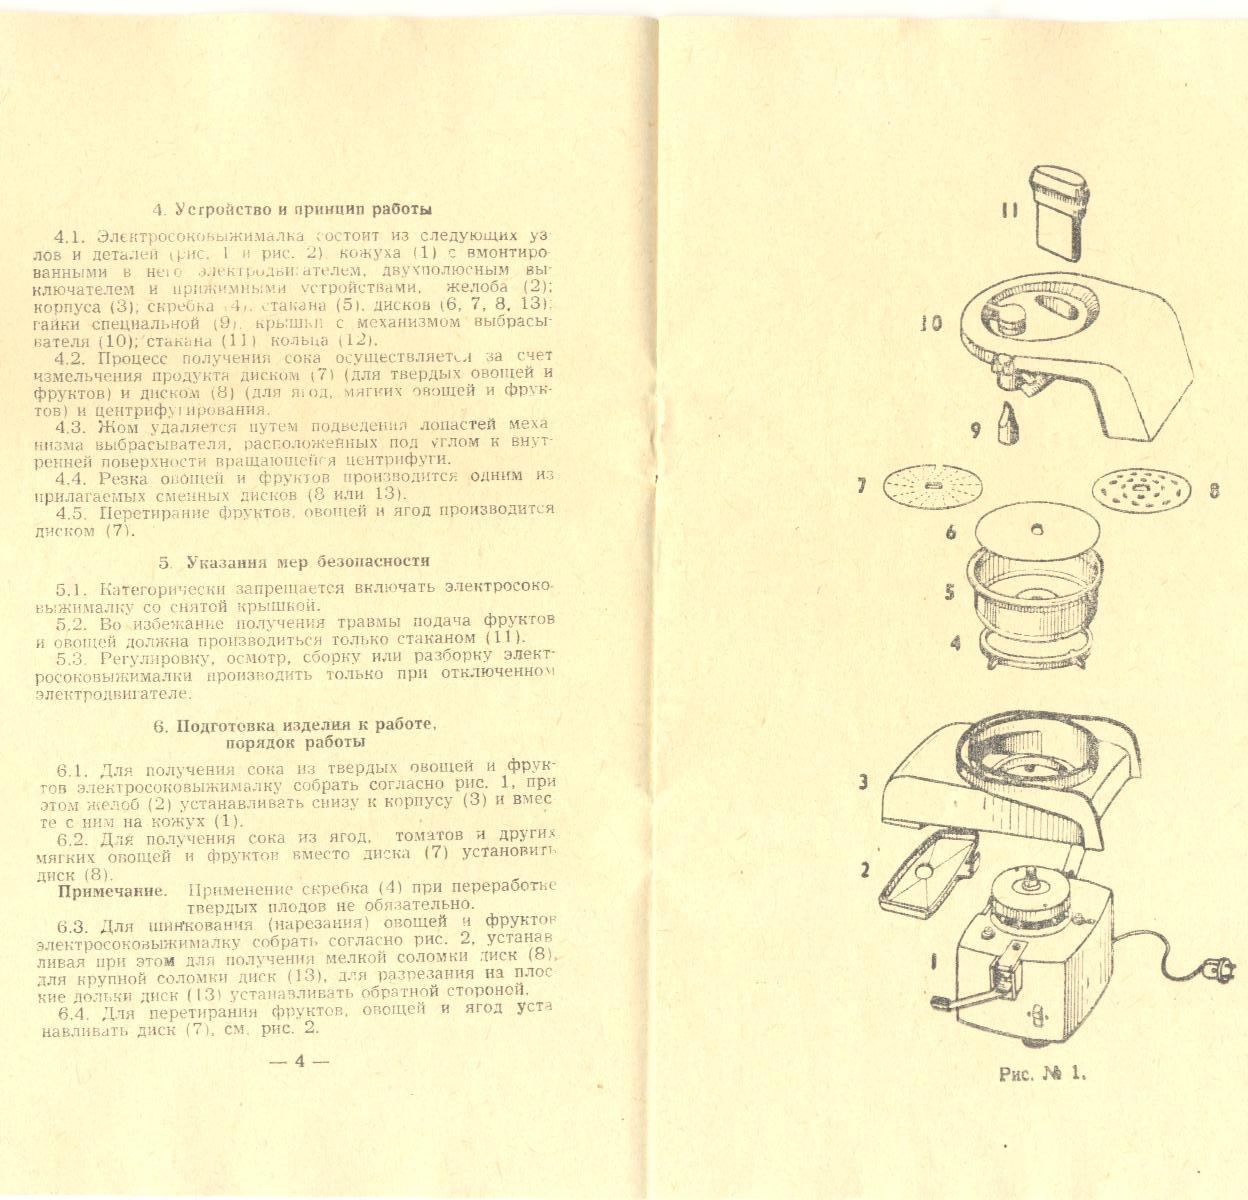 Соковыжималка журавушка инструкция